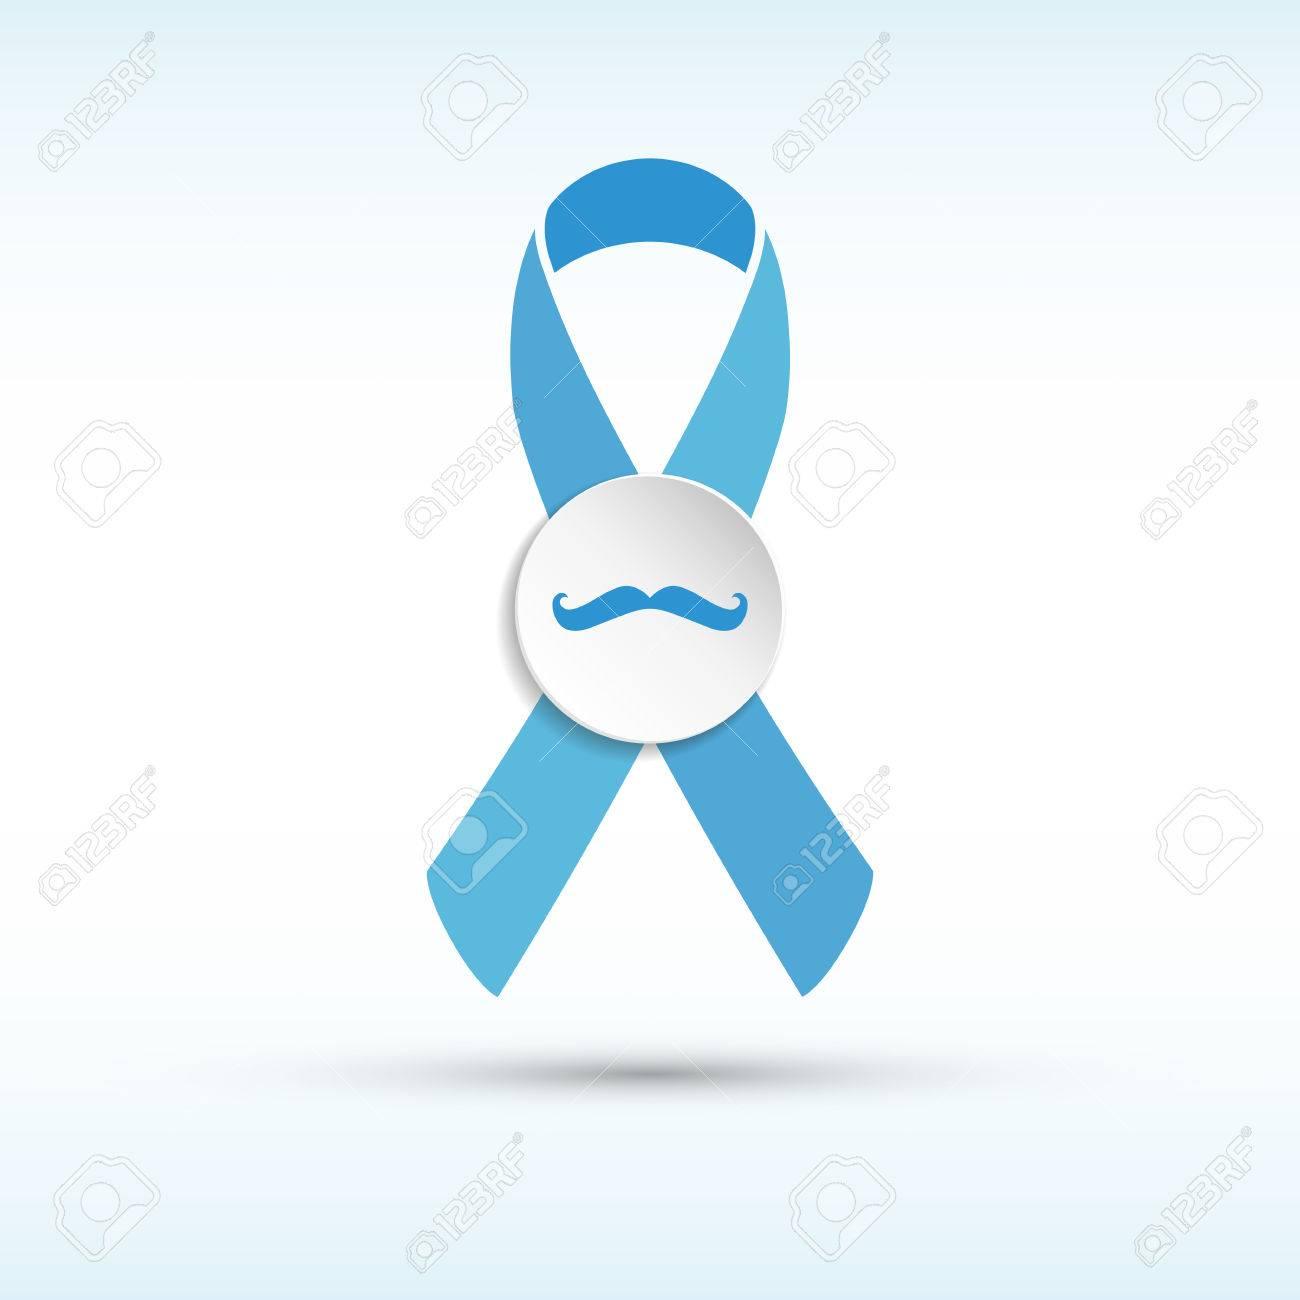 signos cancer de prostata